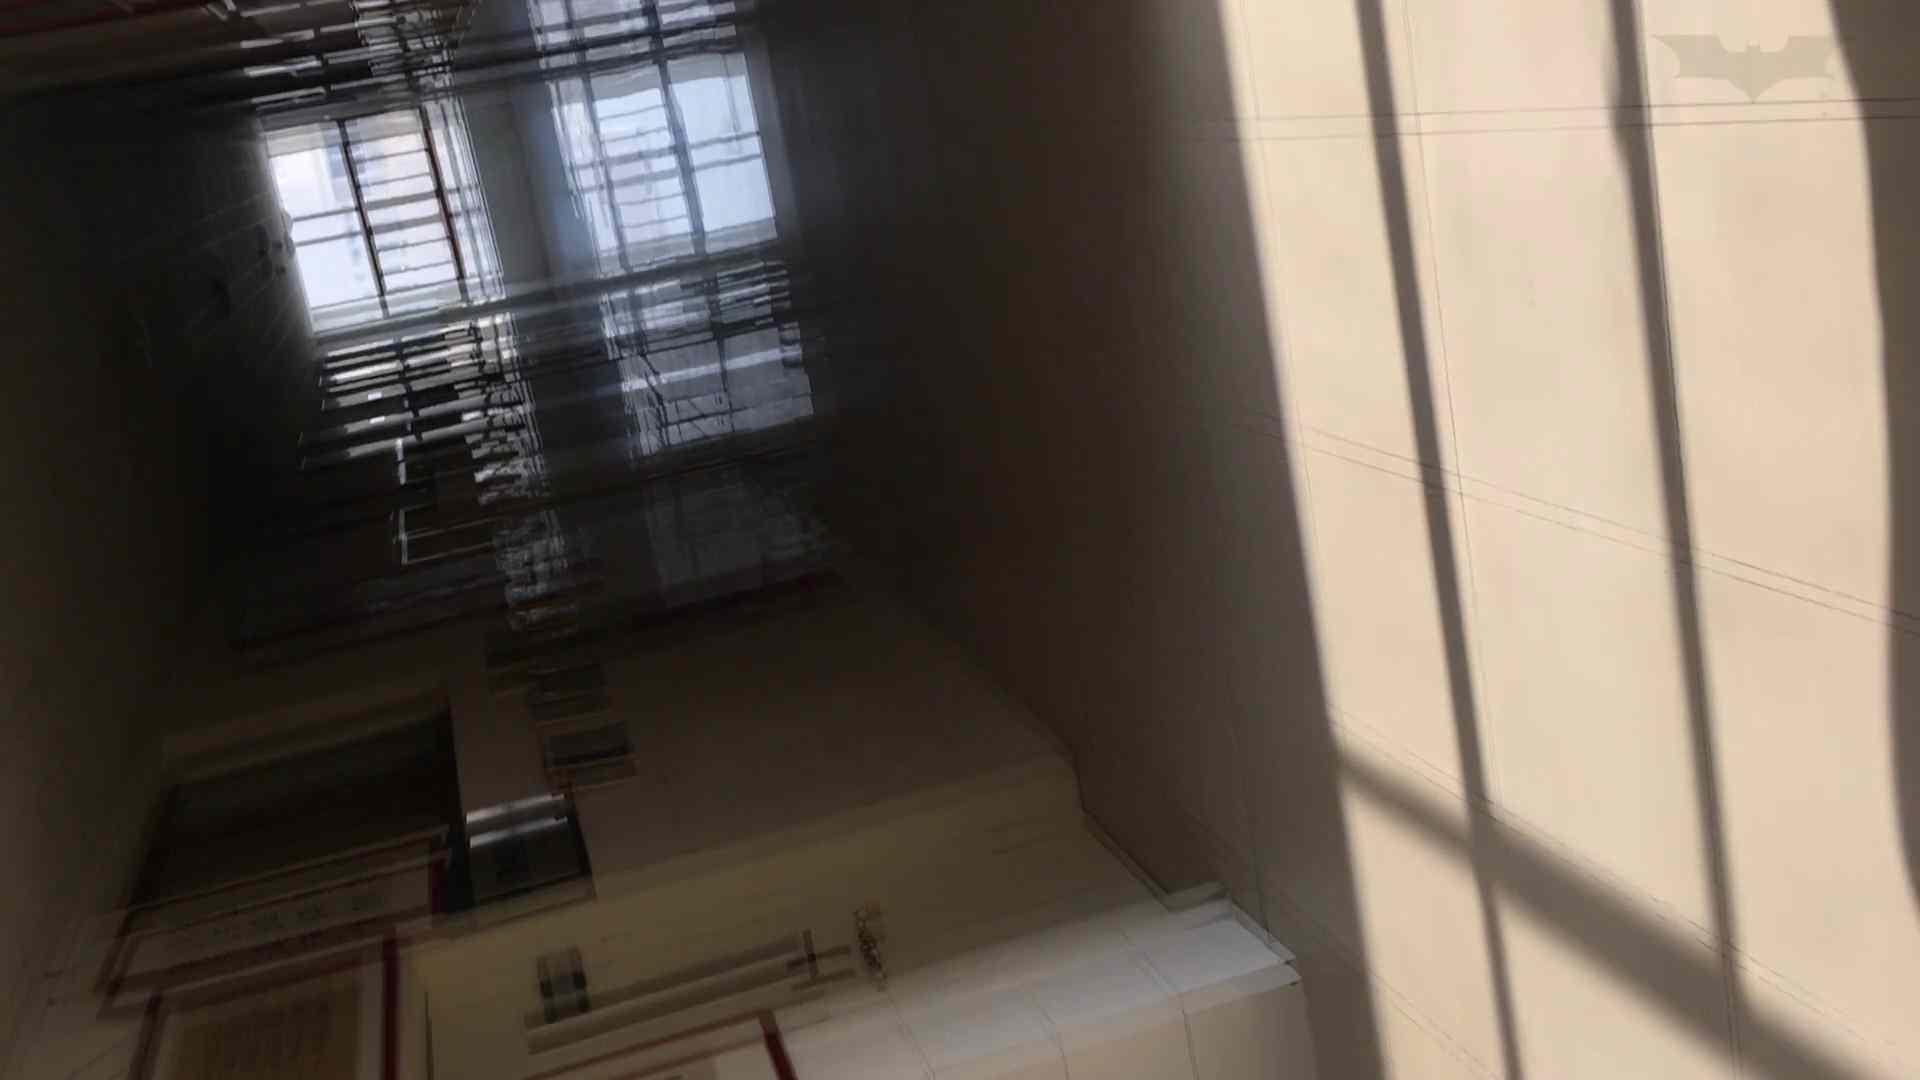 芸術大学ガチ潜入盗撮 JD盗撮 美女の洗面所の秘密 Vol.91 洗面所着替え | トイレ中  48連発 16